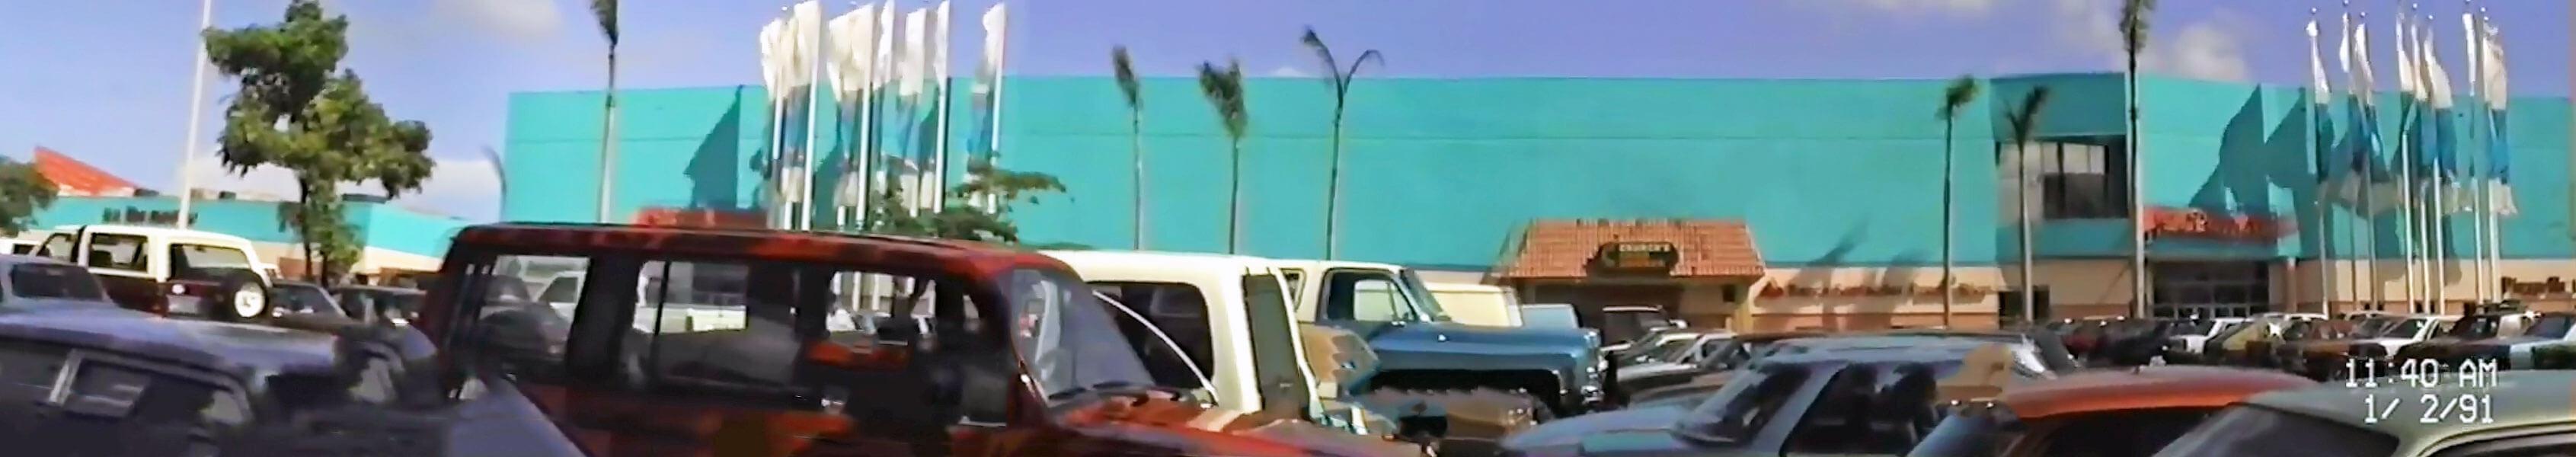 Foto vieja de Plaza Carolina en el 1991, Carolina, Puerto Rico.